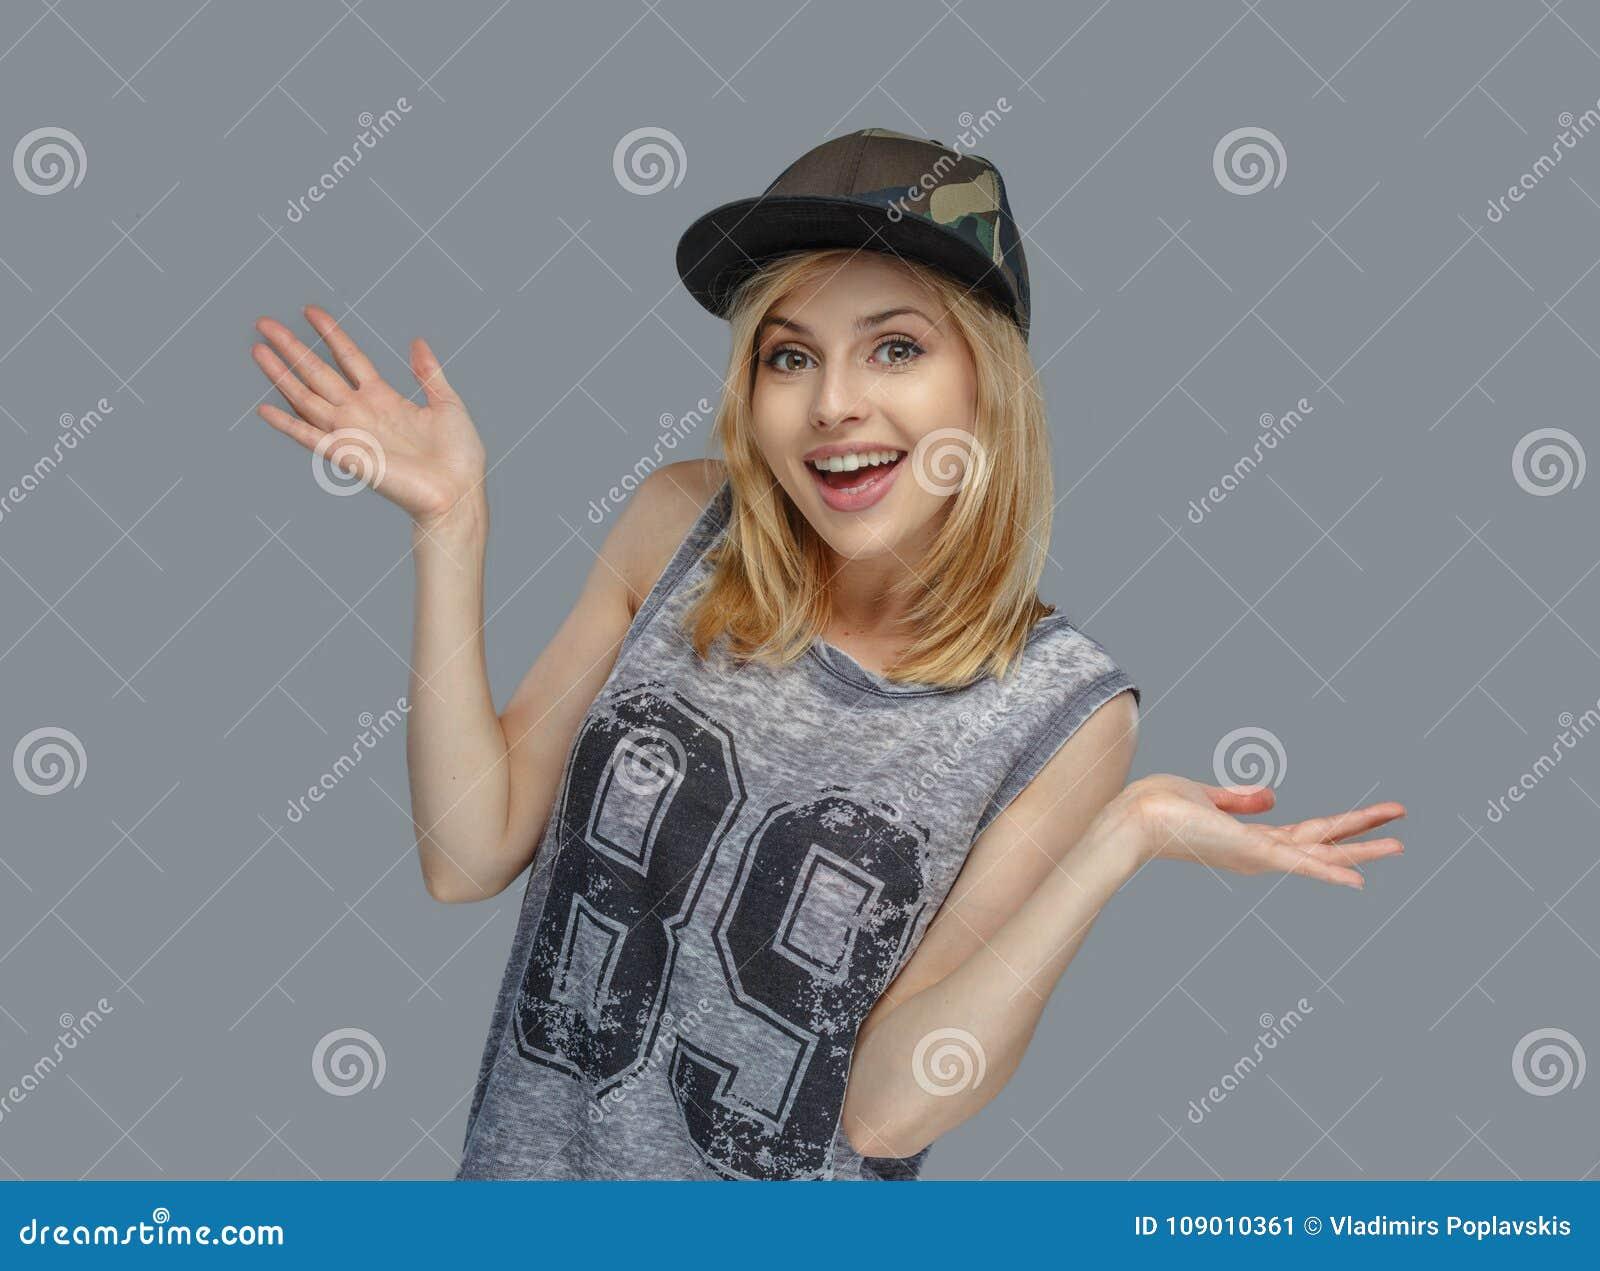 现代hip hop女性画象盖帽的. 方式, 构成.图片